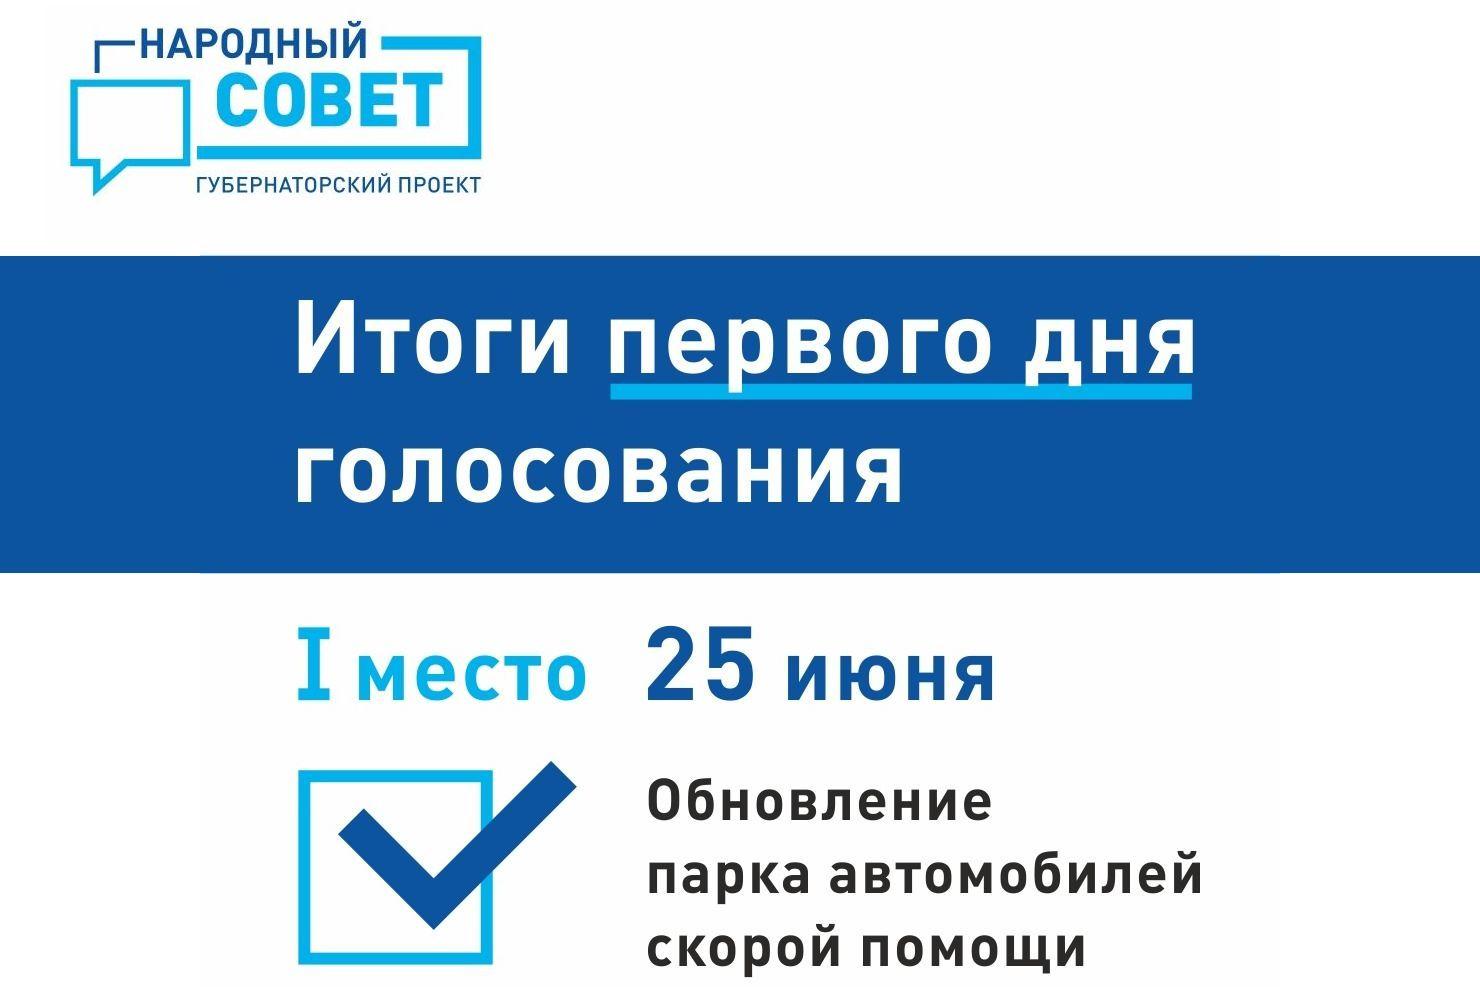 Поведены первые итоги голосования в рамках губернаторского проекта «Народный совет»